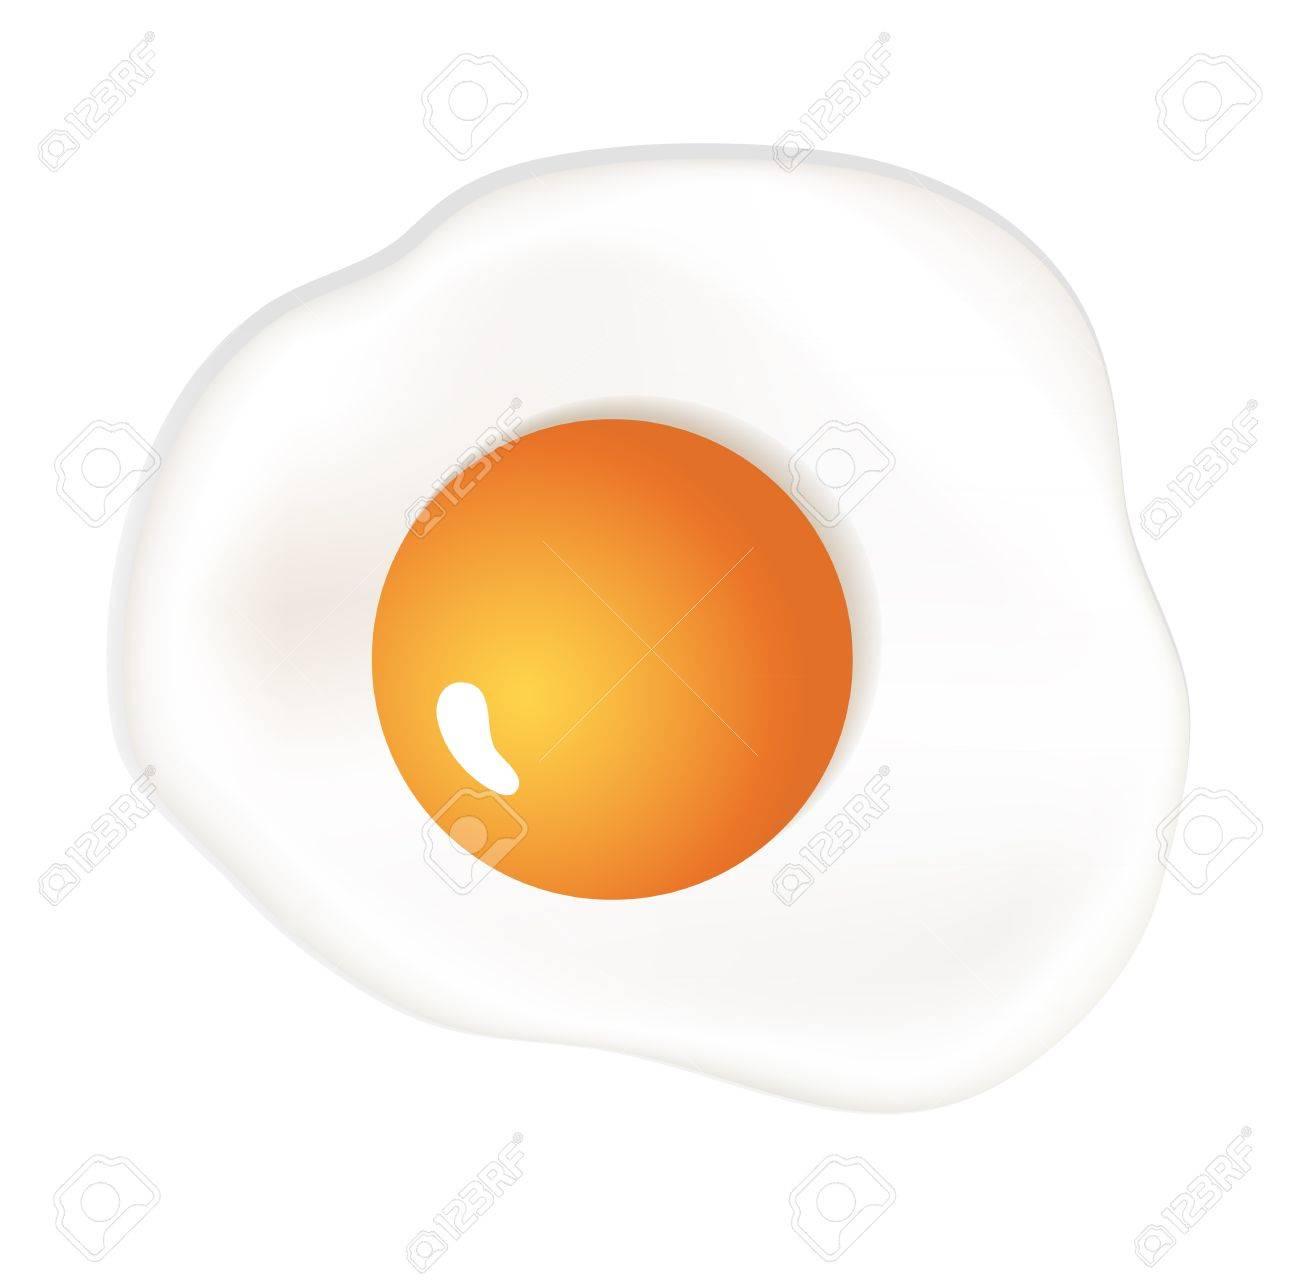 Scrambled egg isolated on white - 21529186